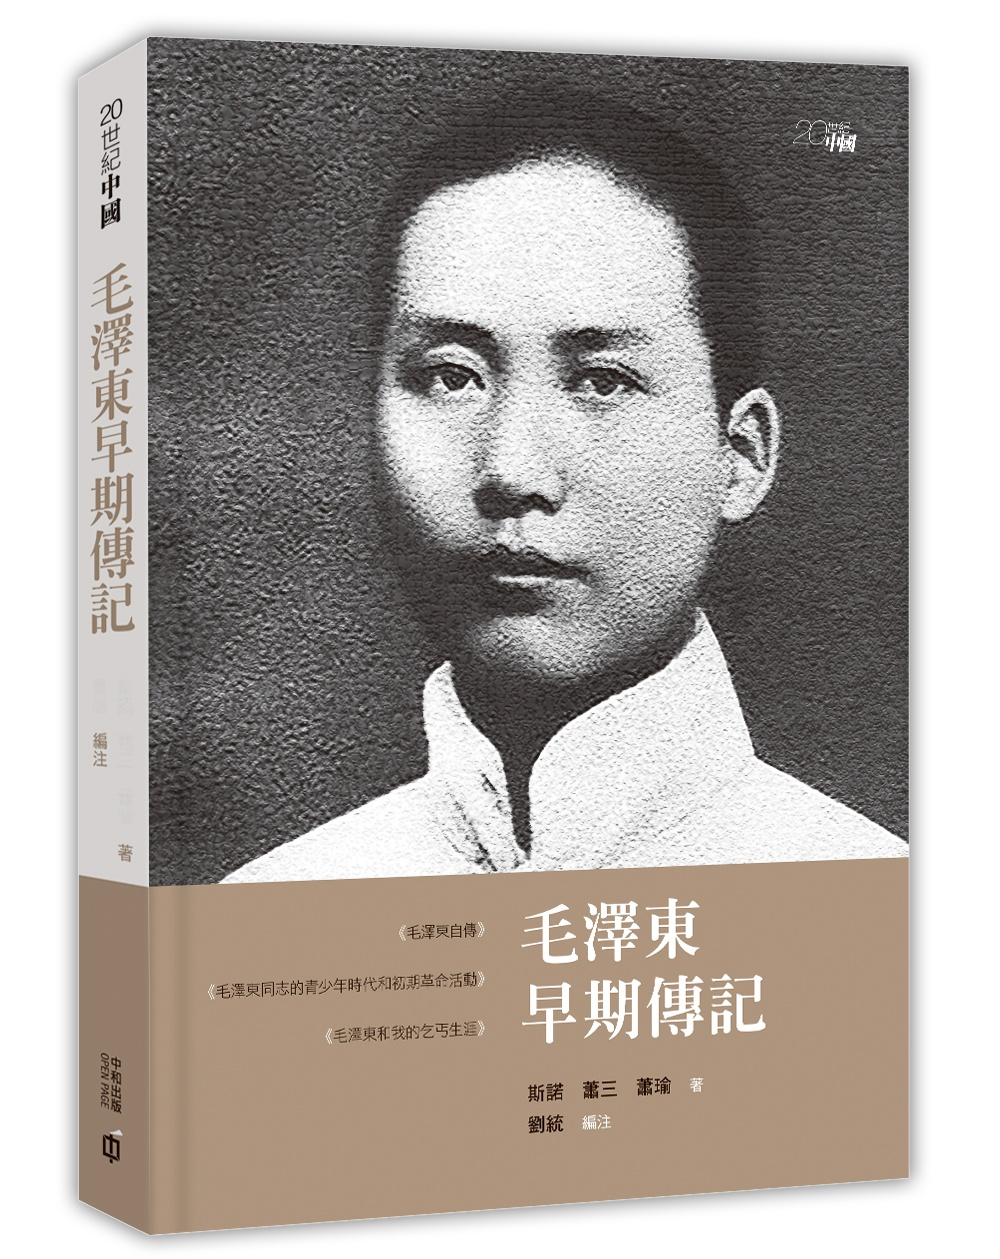 毛澤東早期傳記